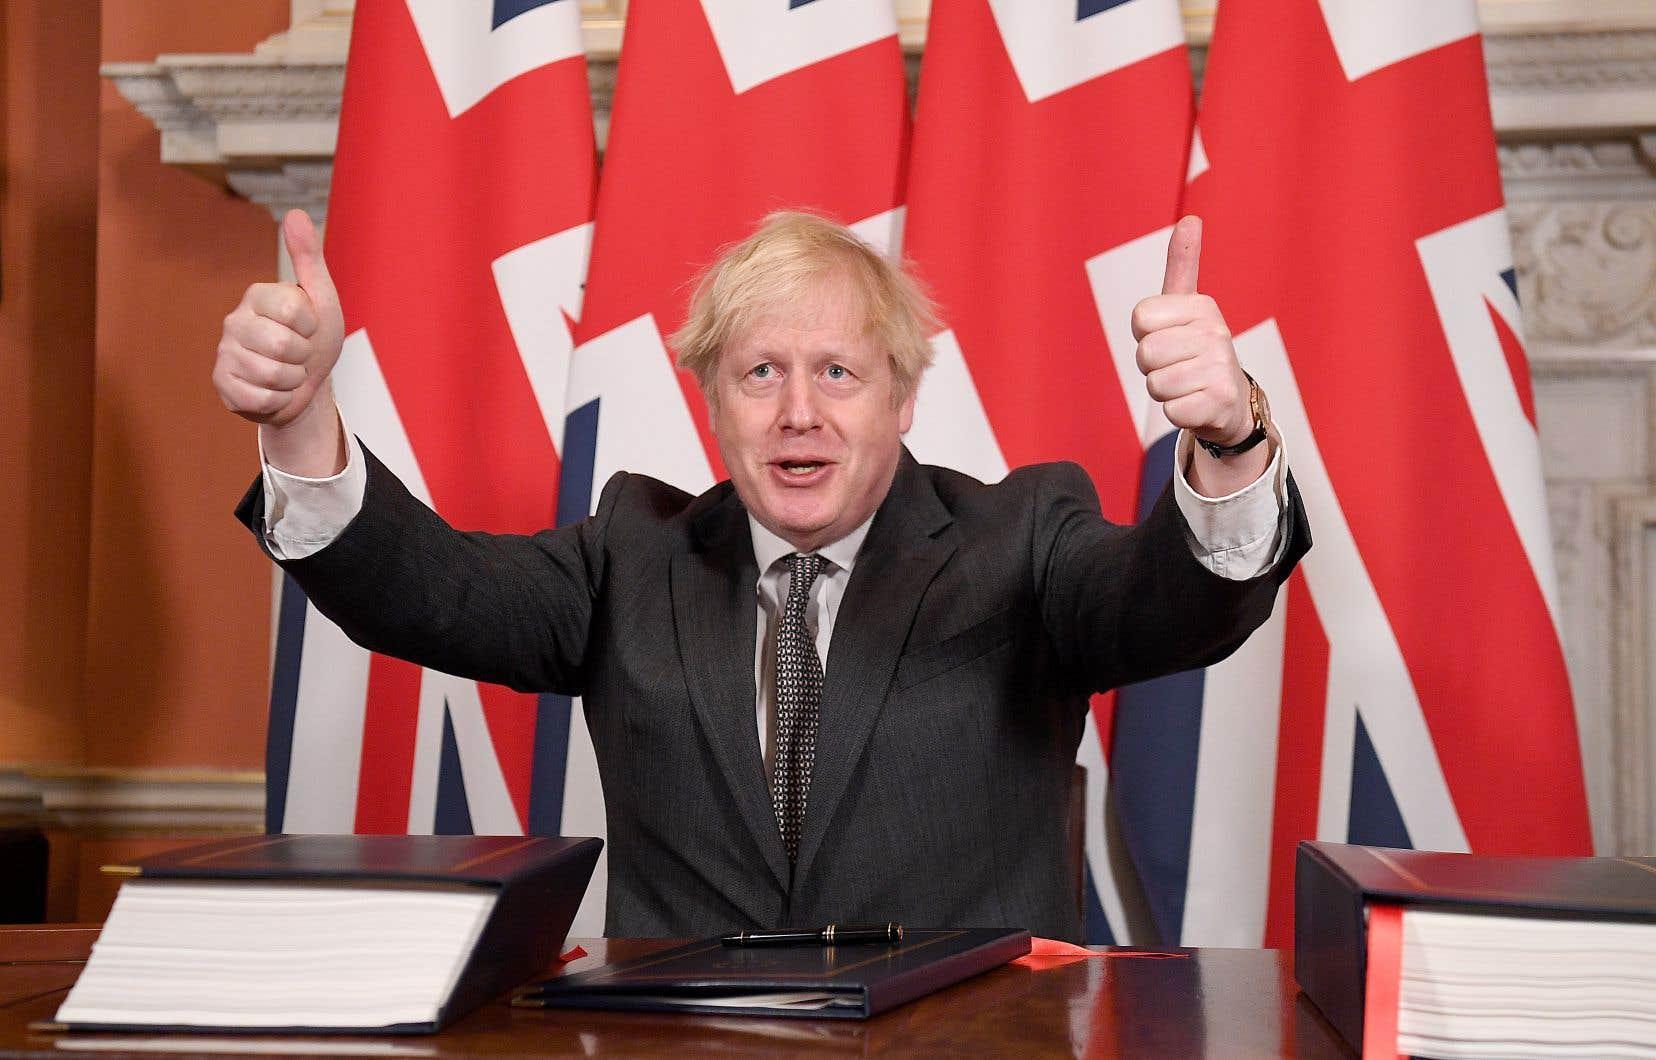 «Ce n'est pas la fin», mais «le début d'une merveilleuse relation entre le Royaume-Uni et nos amis et partenaires de l'Union européenne», a assuré Boris Johnson, mercredi, après avoir paraphé l'accord, levant les deux pouces en l'air devant les caméras.